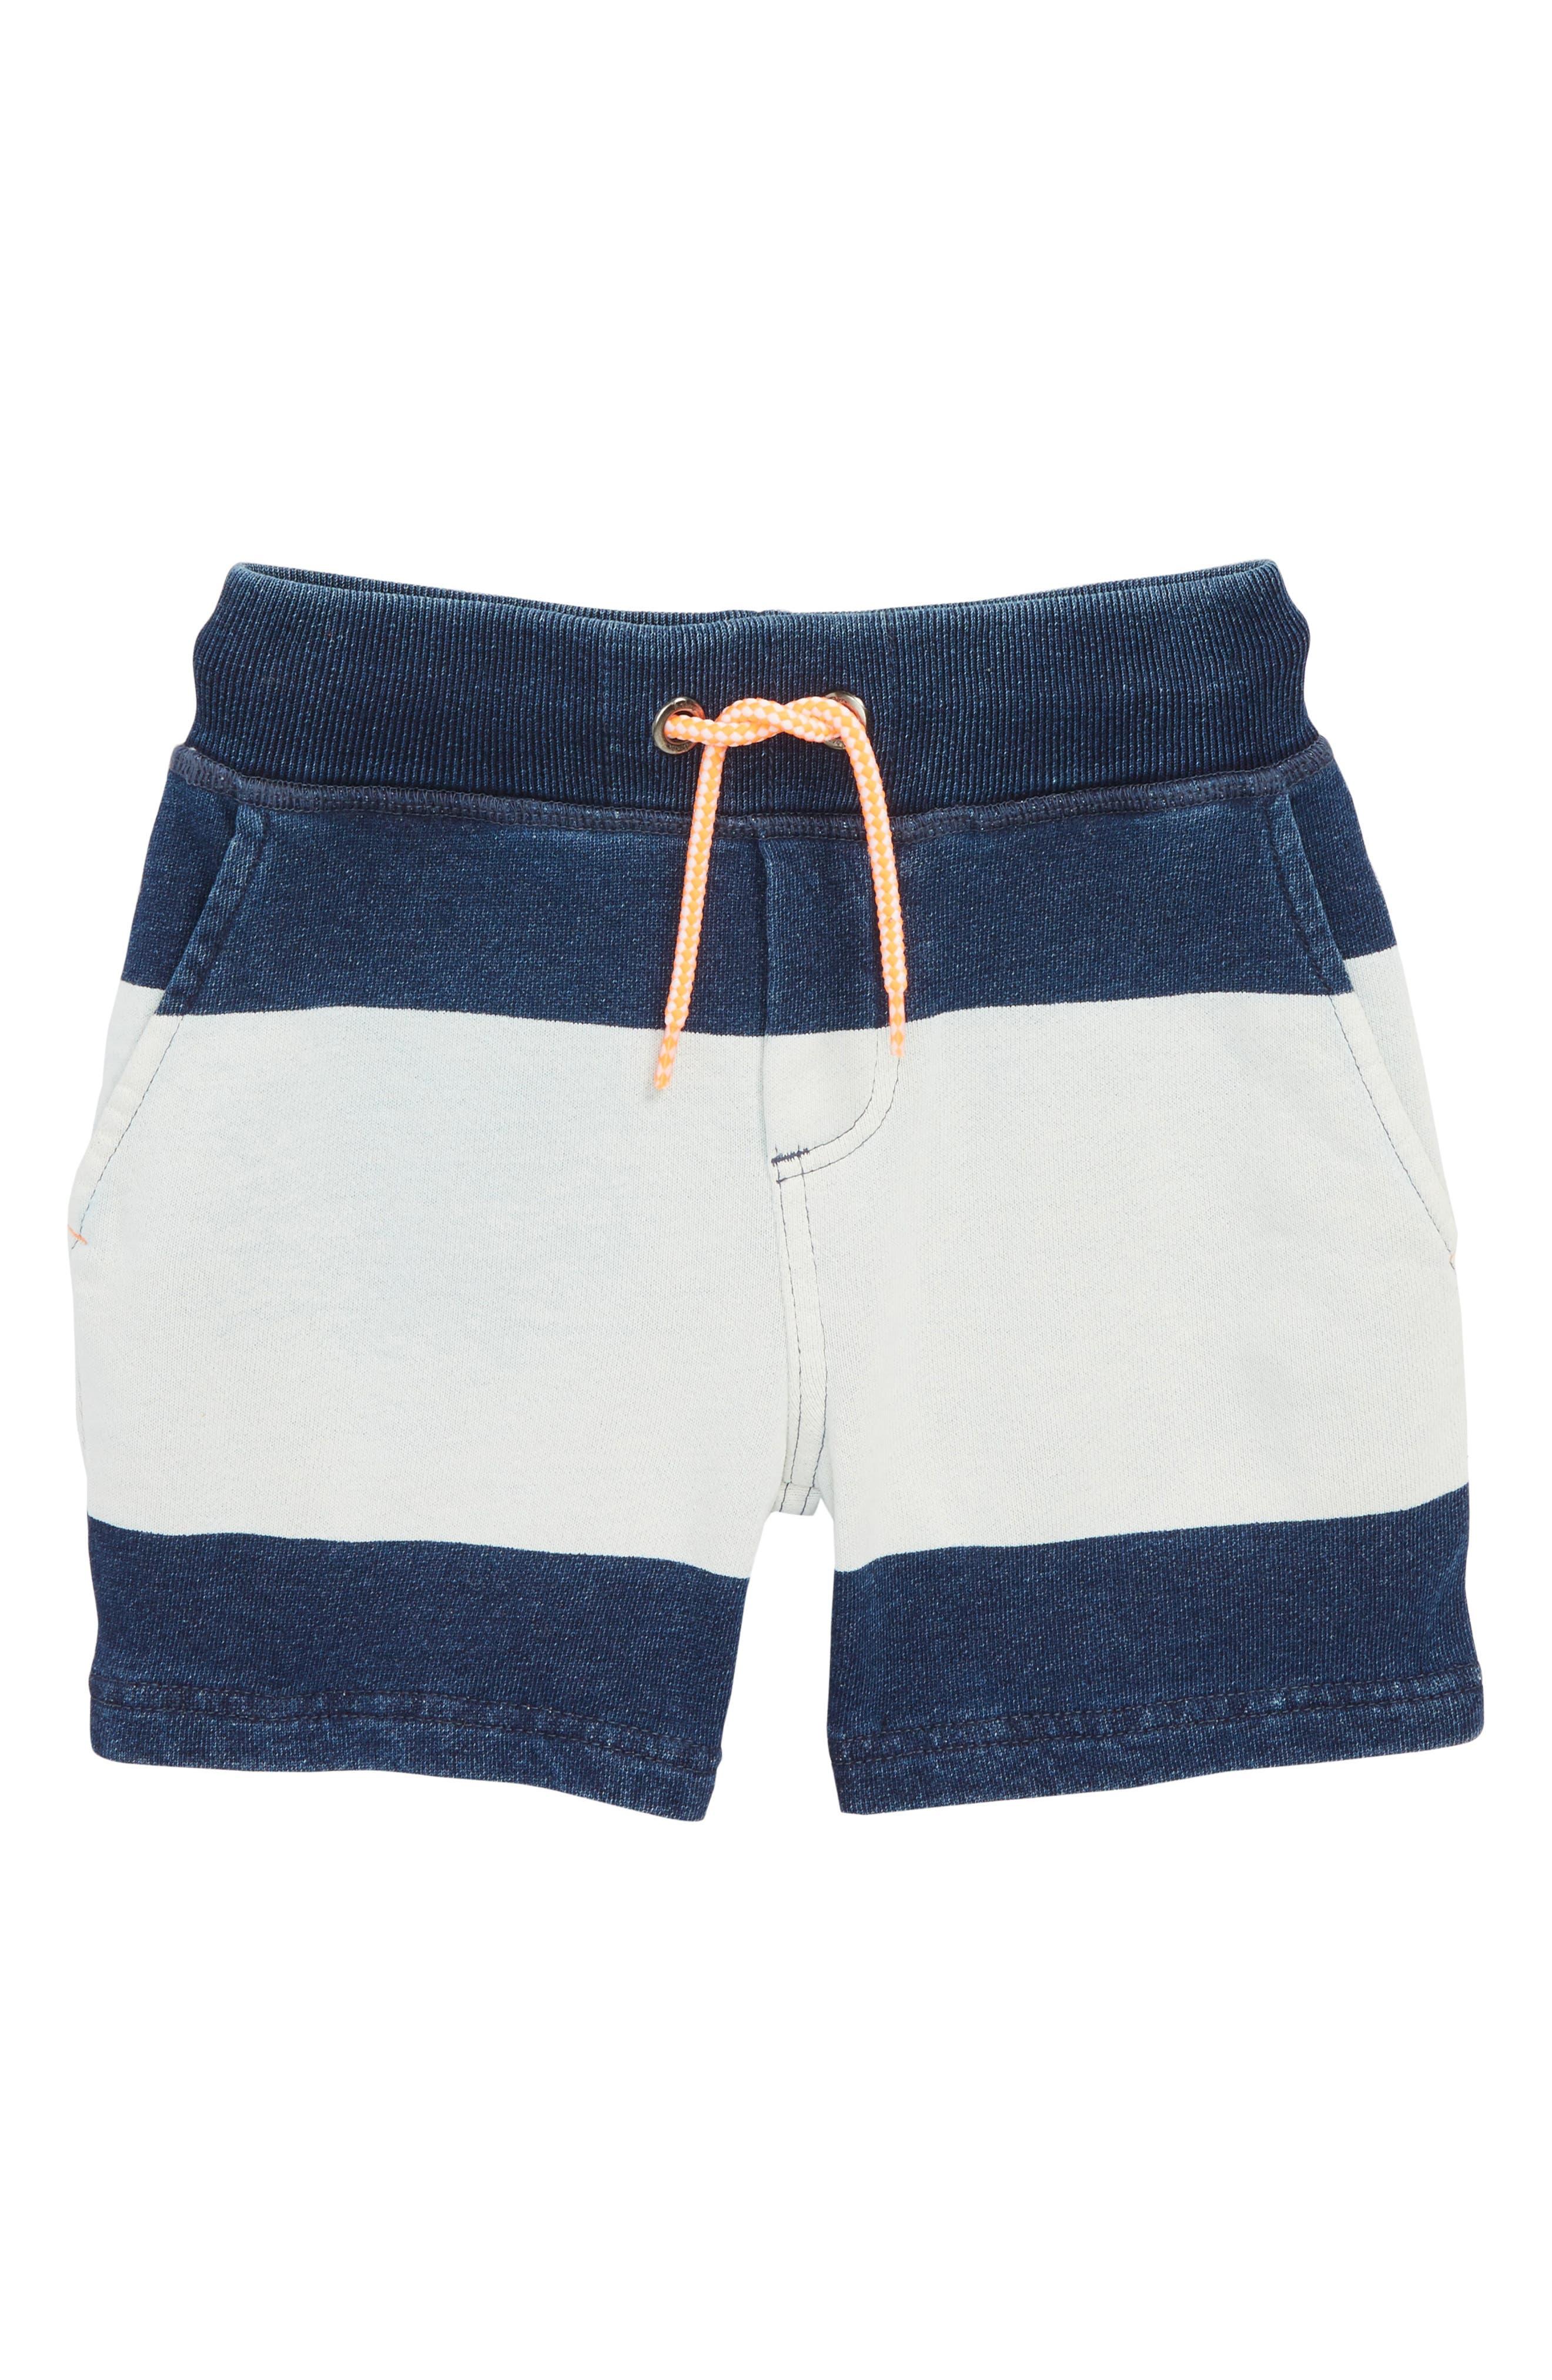 Embroidered Jersey Shorts,                             Main thumbnail 1, color,                             Rinse/ Mid Indigo